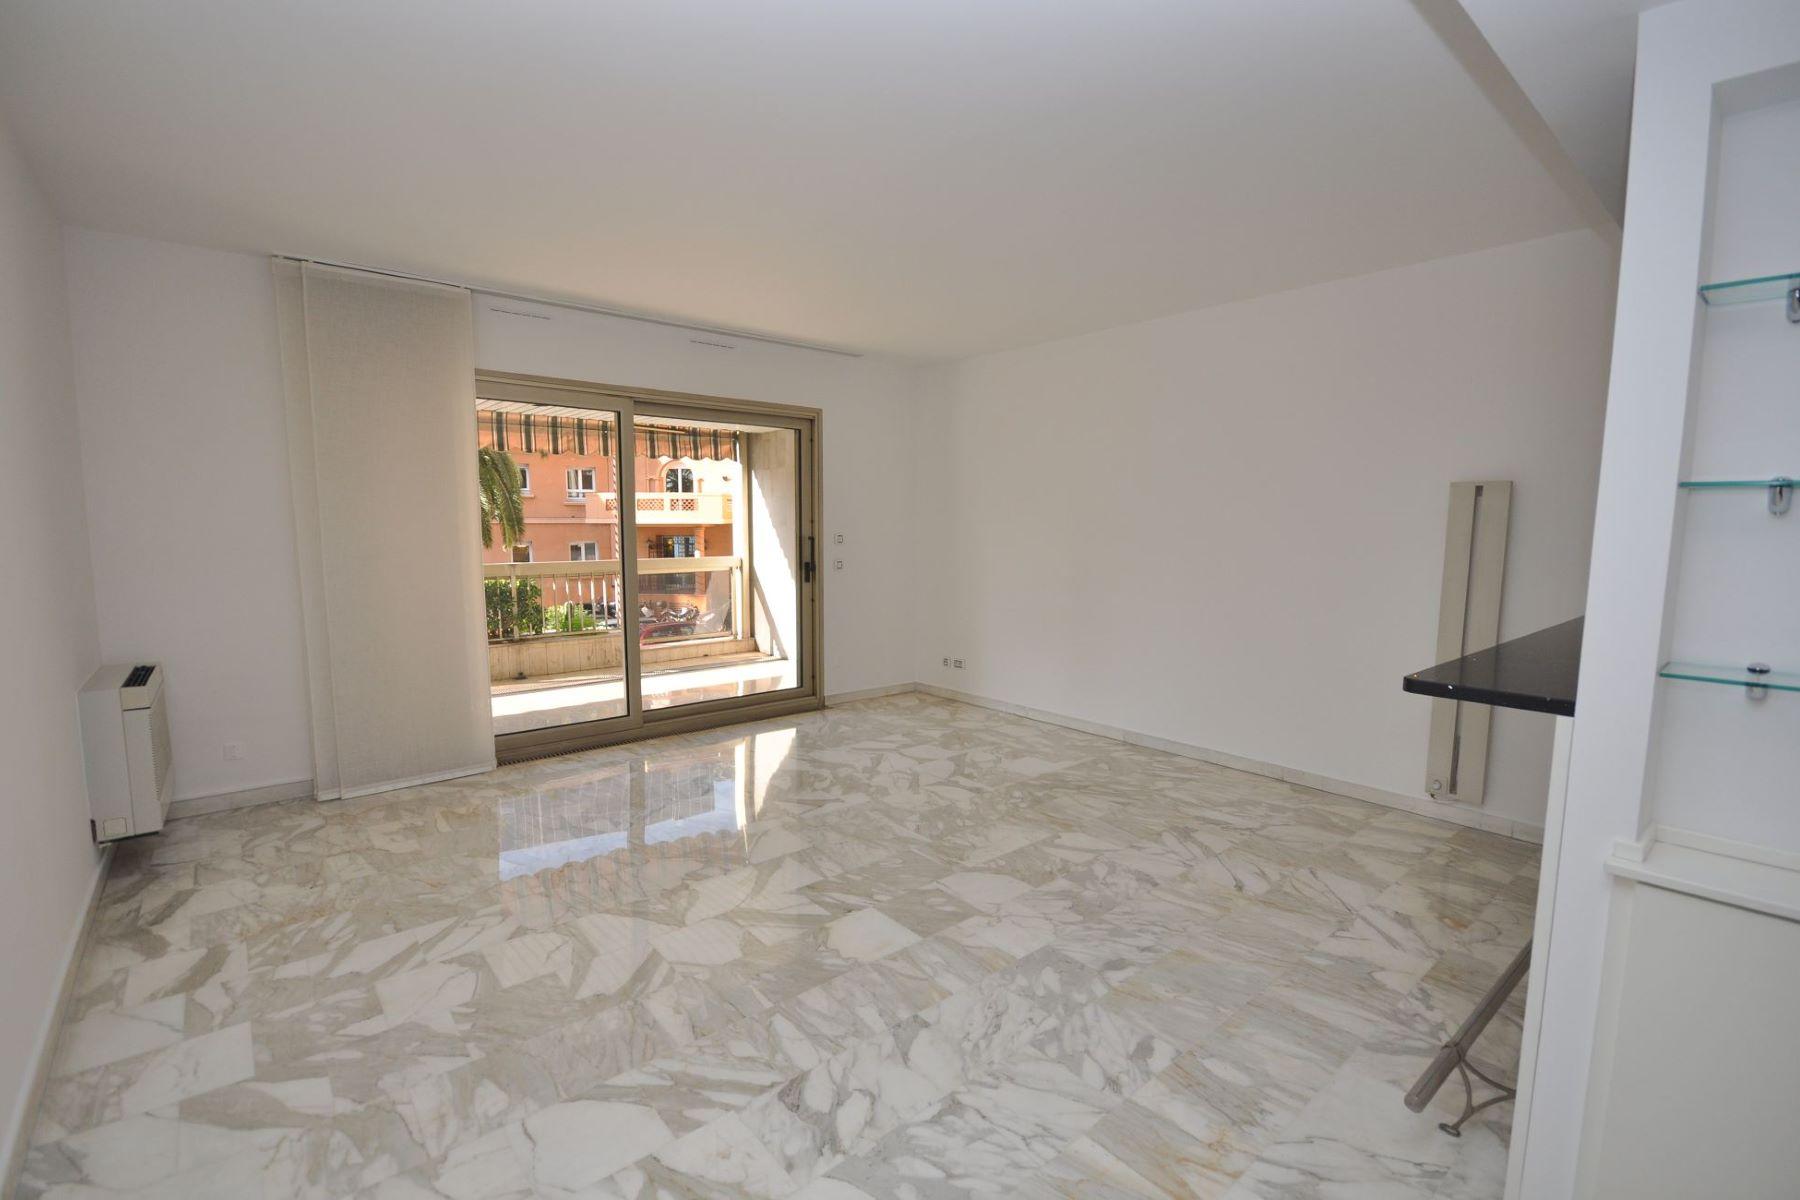 Appartement pour l à louer à 2 room flat to rent - Near Station, Port and Centre Monaco, La Condamine, 98000 Monaco